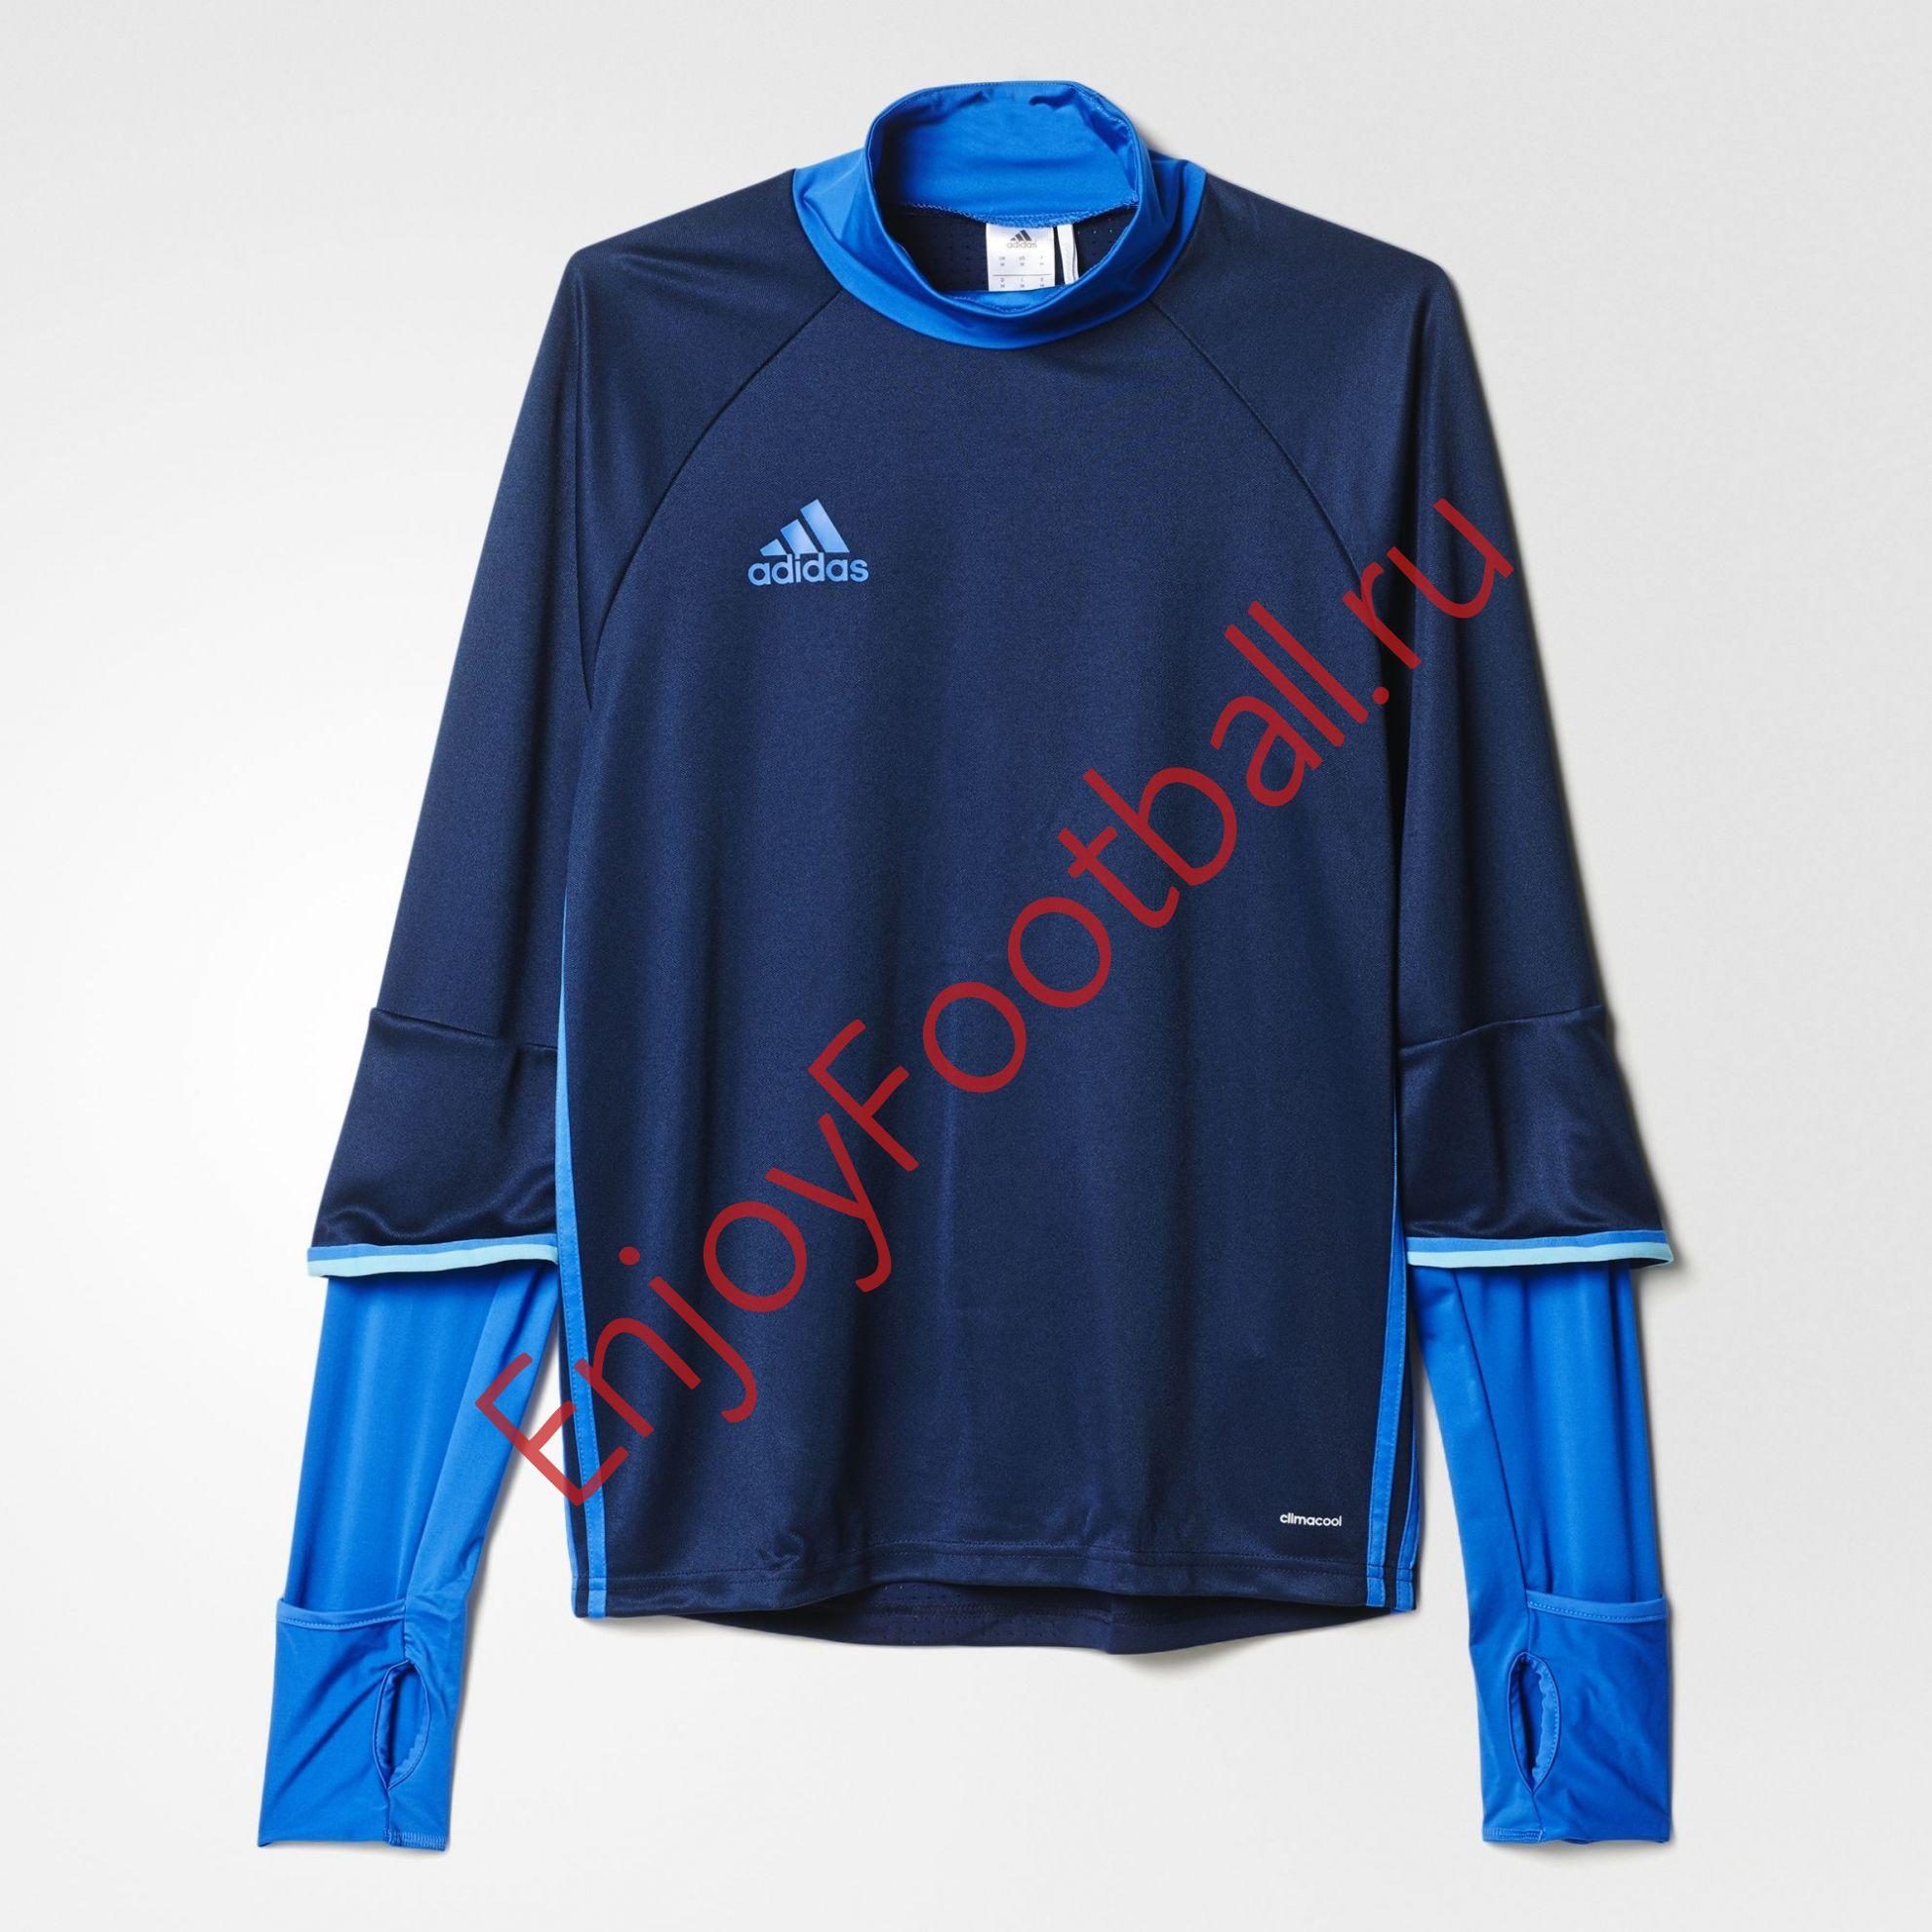 6a39616acd9 Тренировочный свитер ADIDAS CON16 TRG TOP S93547 SR - купить мужскую синюю  спортивную кофту Адидас в ...